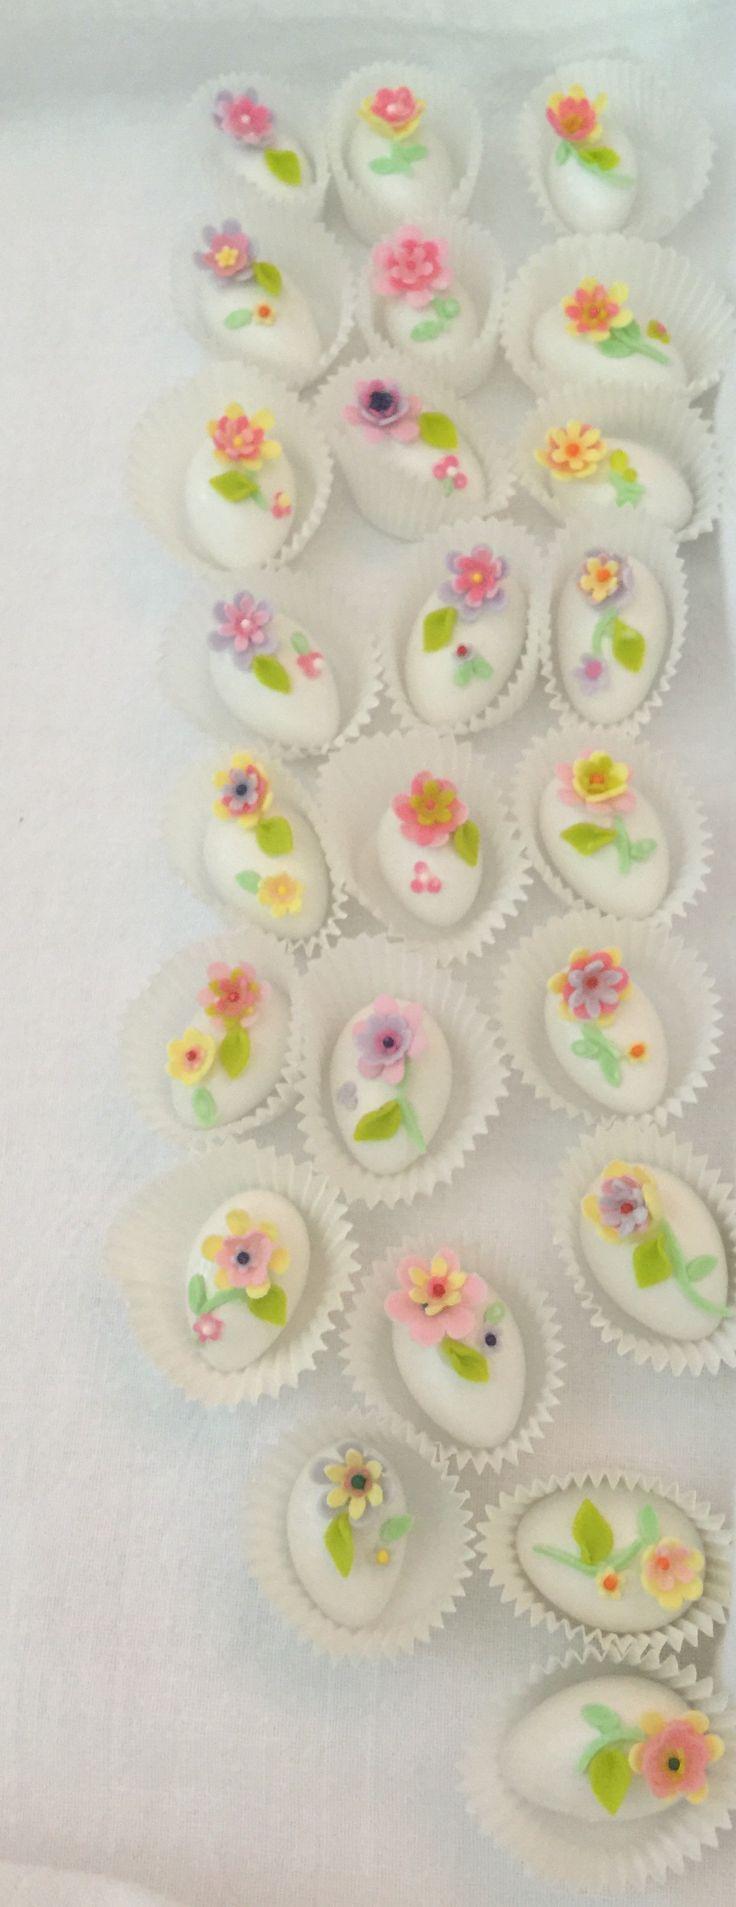 Almendras decoradas con flores en azúcar